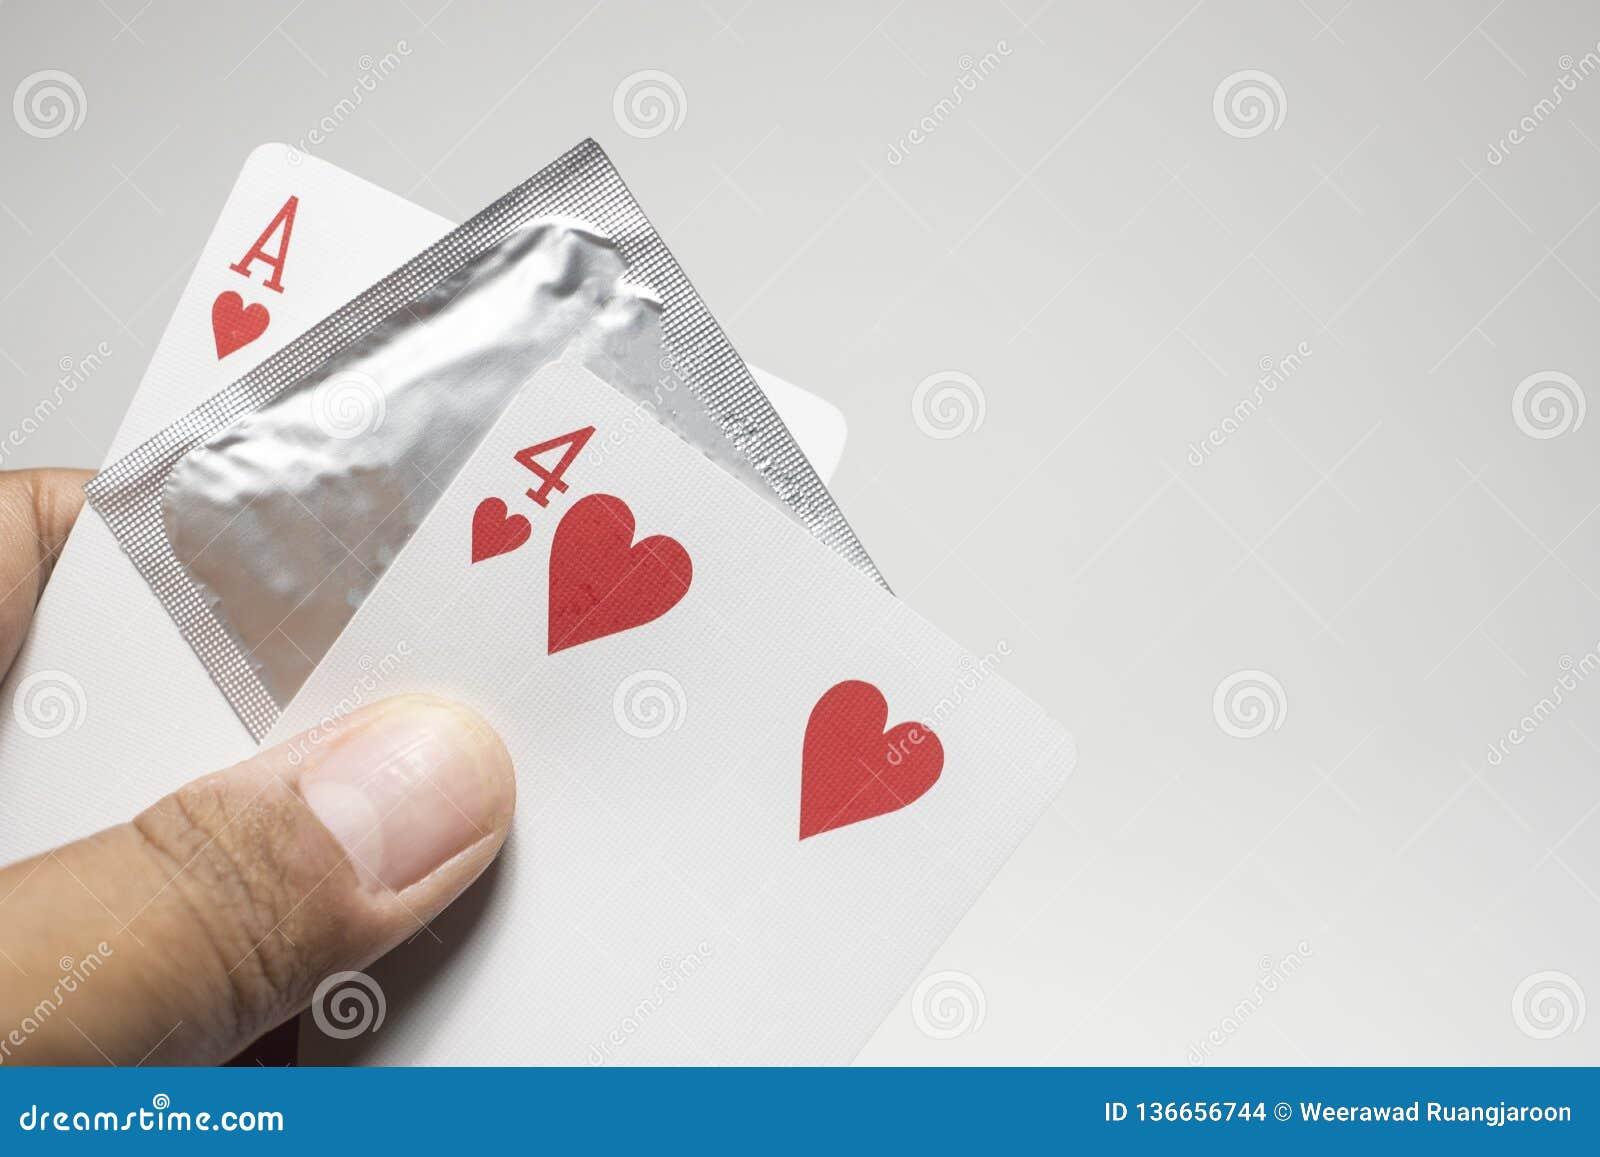 情人节,第十四身份证号码,避孕套防止怀孕避孕华伦泰安全性交年轻爱概念,